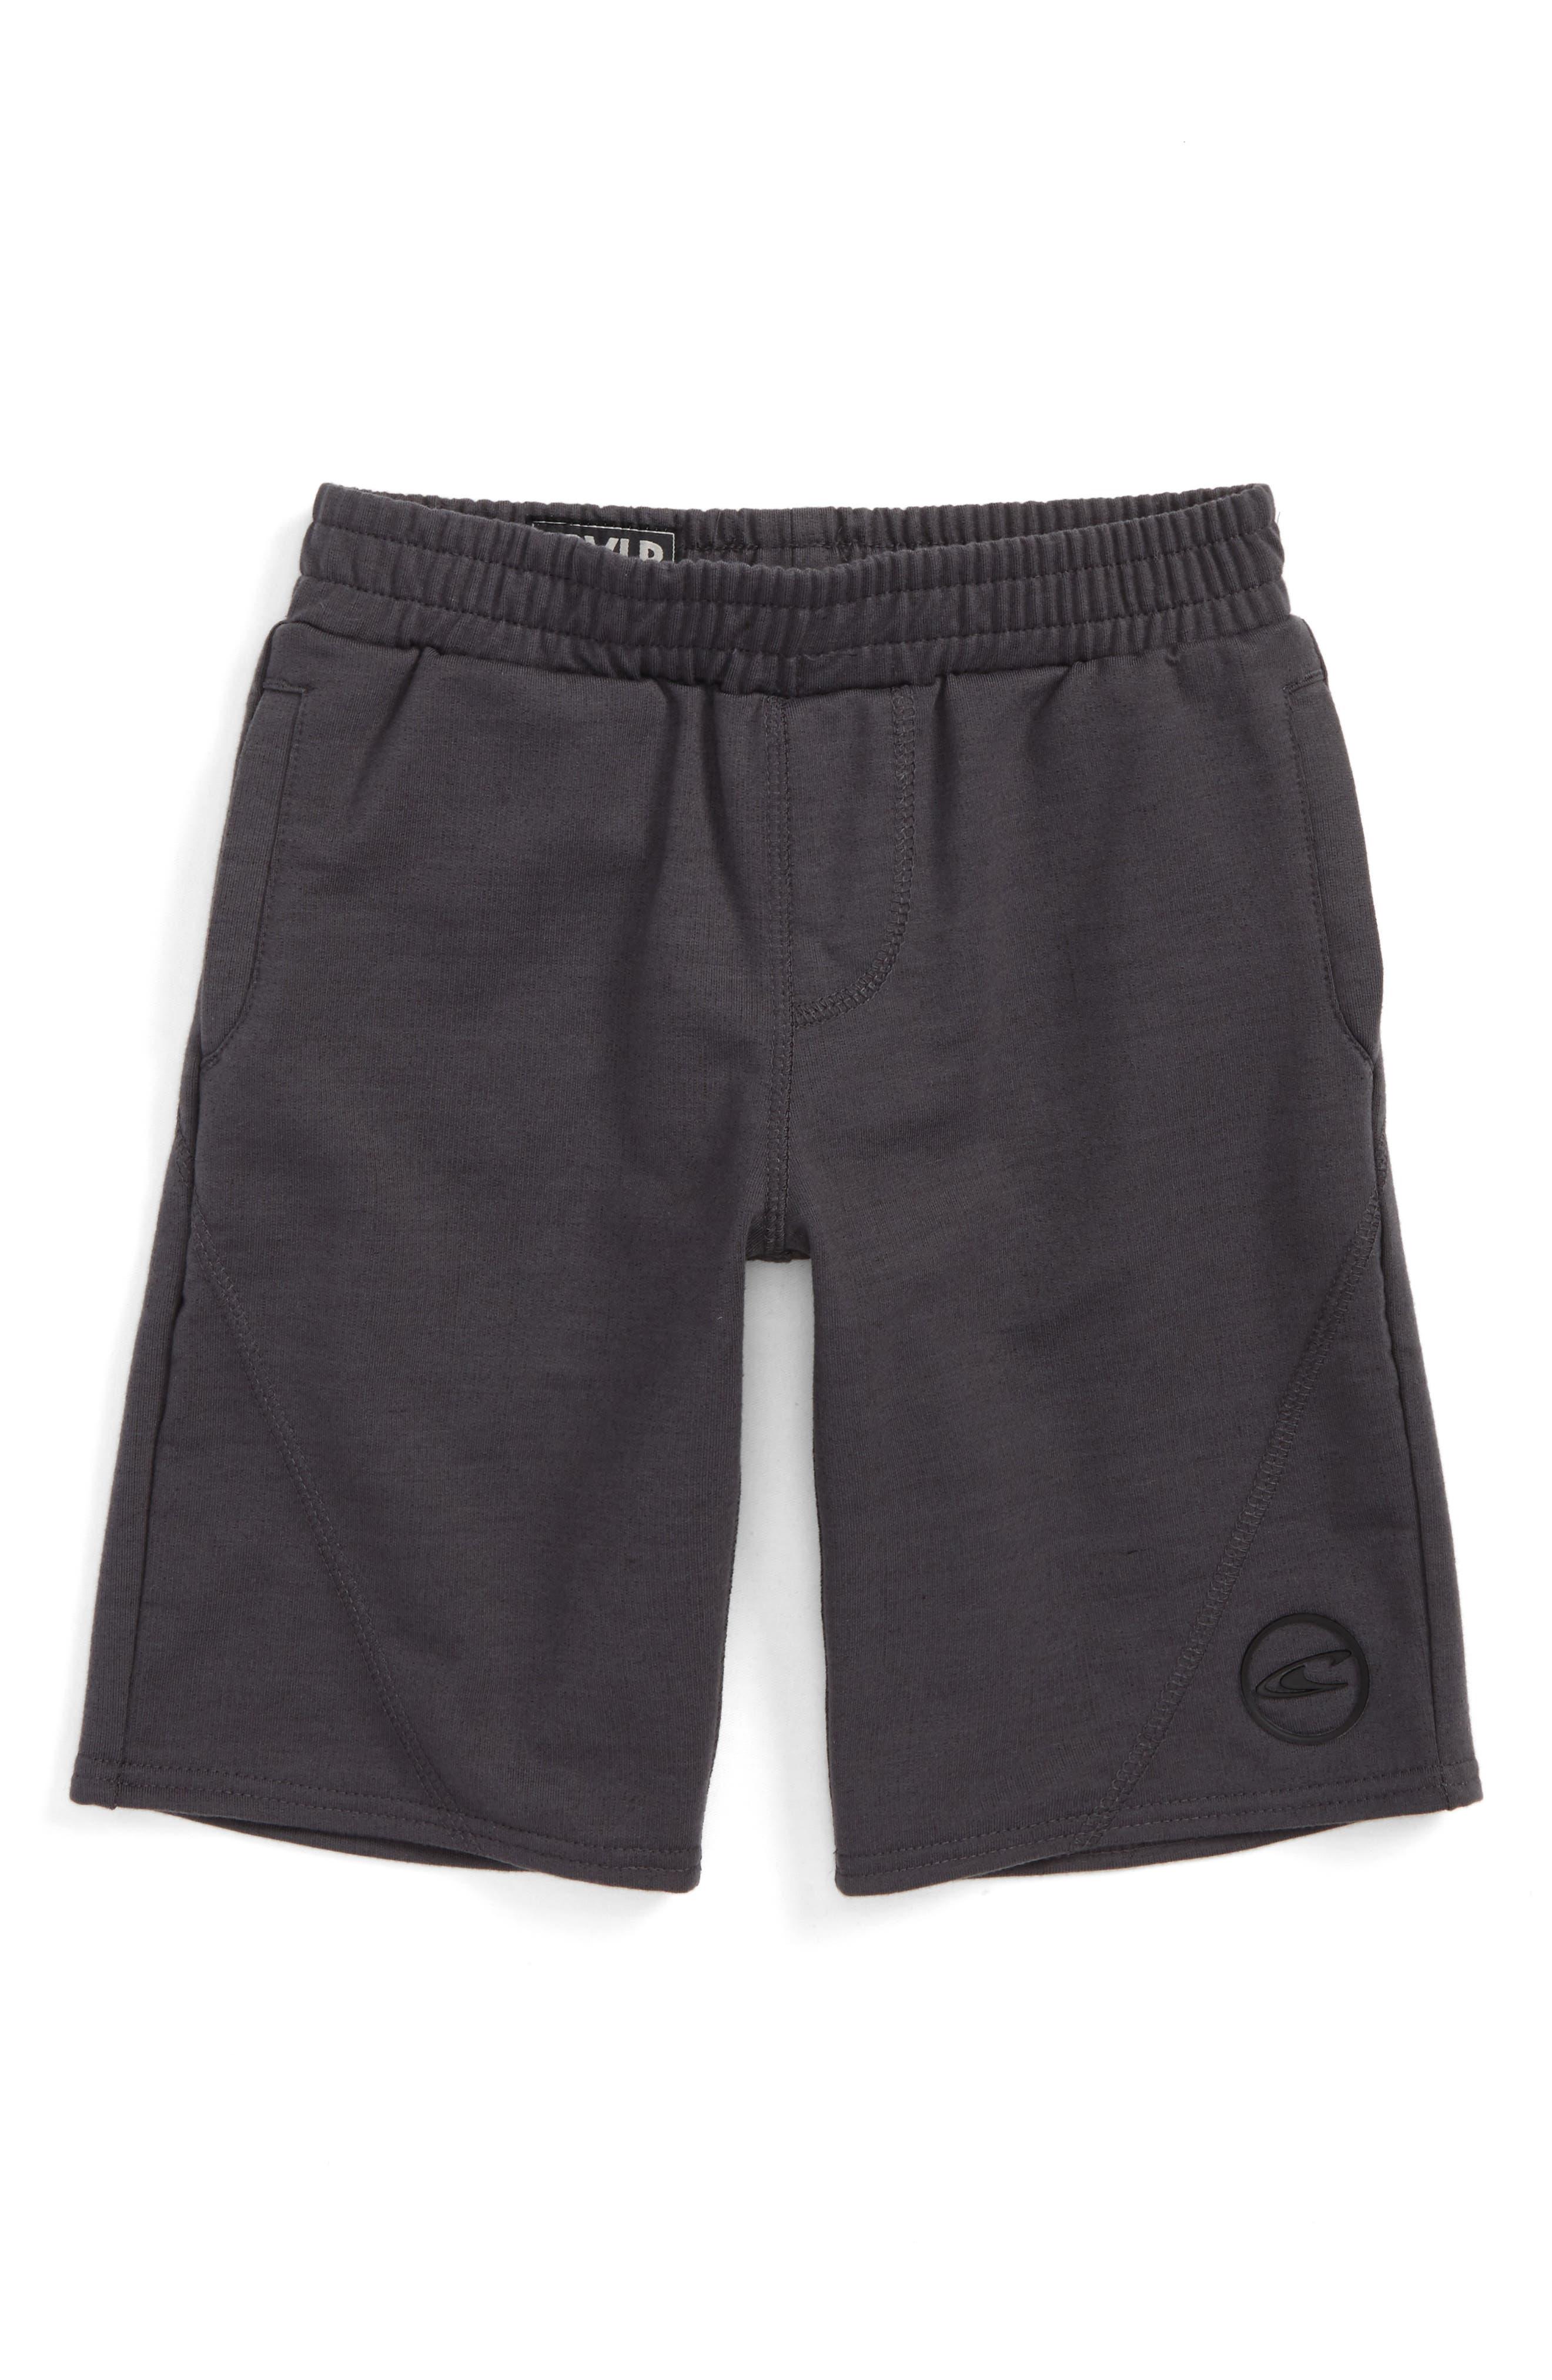 Traveler Knit Shorts,                             Main thumbnail 1, color,                             028